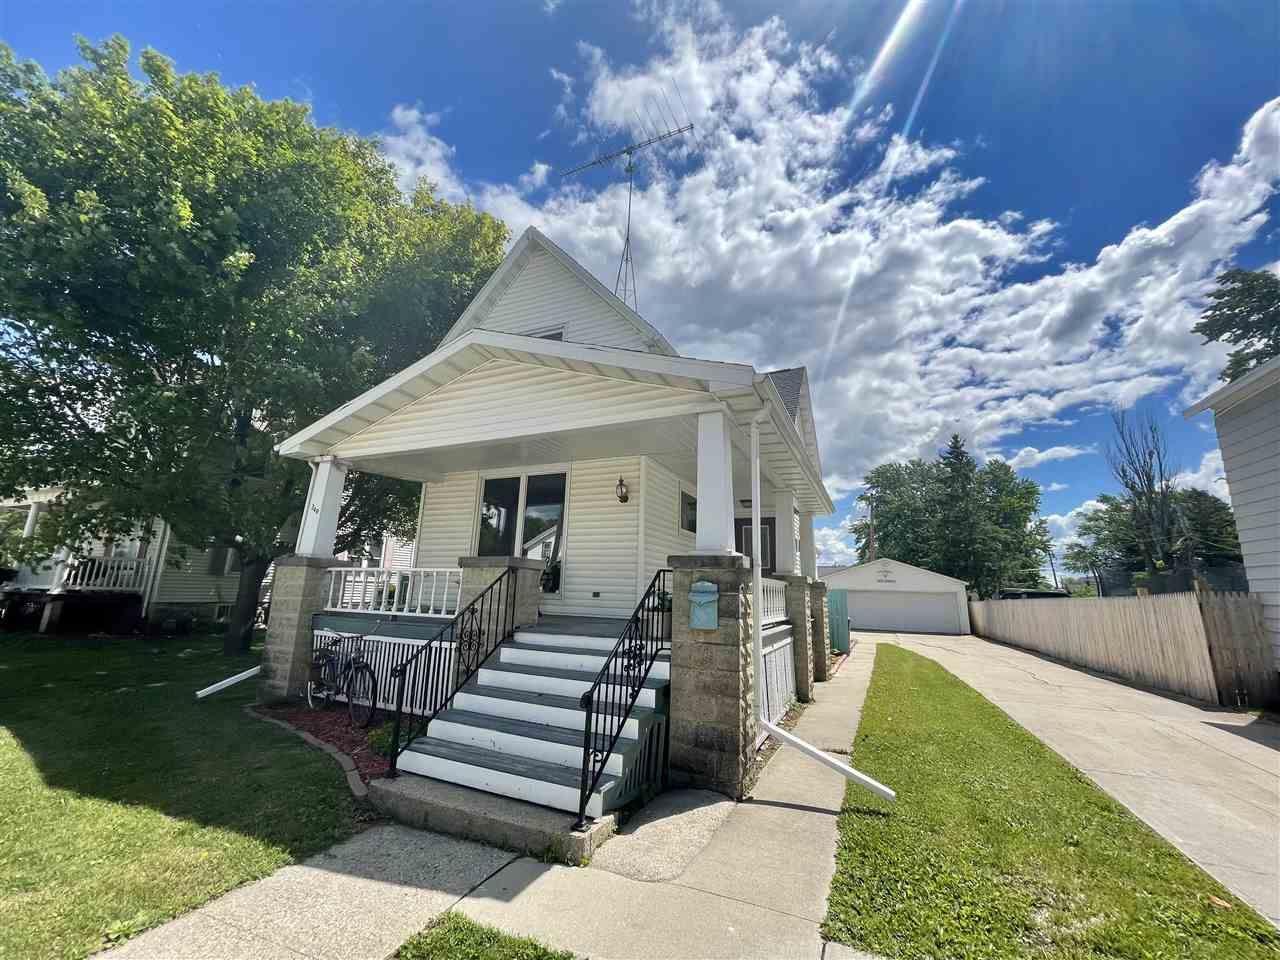 349 DOTY Street, Fond du Lac, WI 54935 - MLS#: 50242675